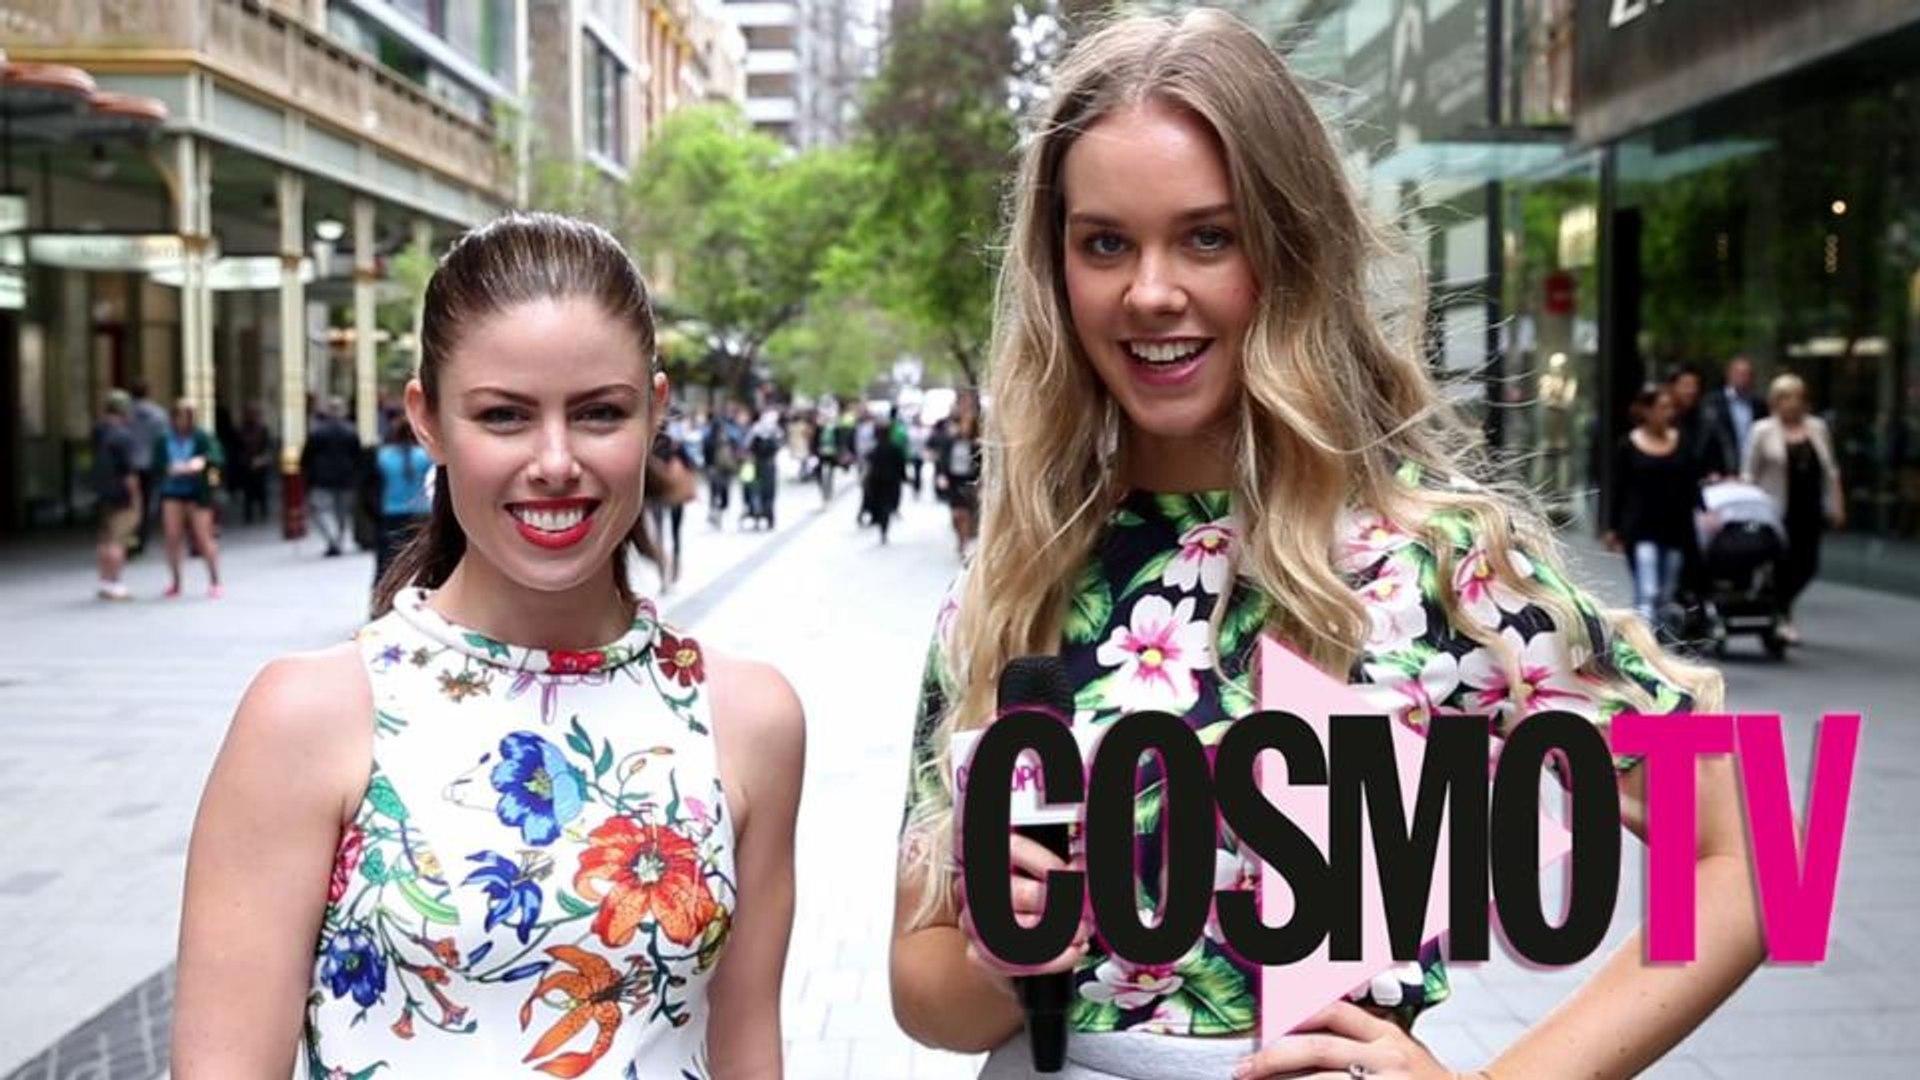 Cosmo Hot Topics: Fashion trends